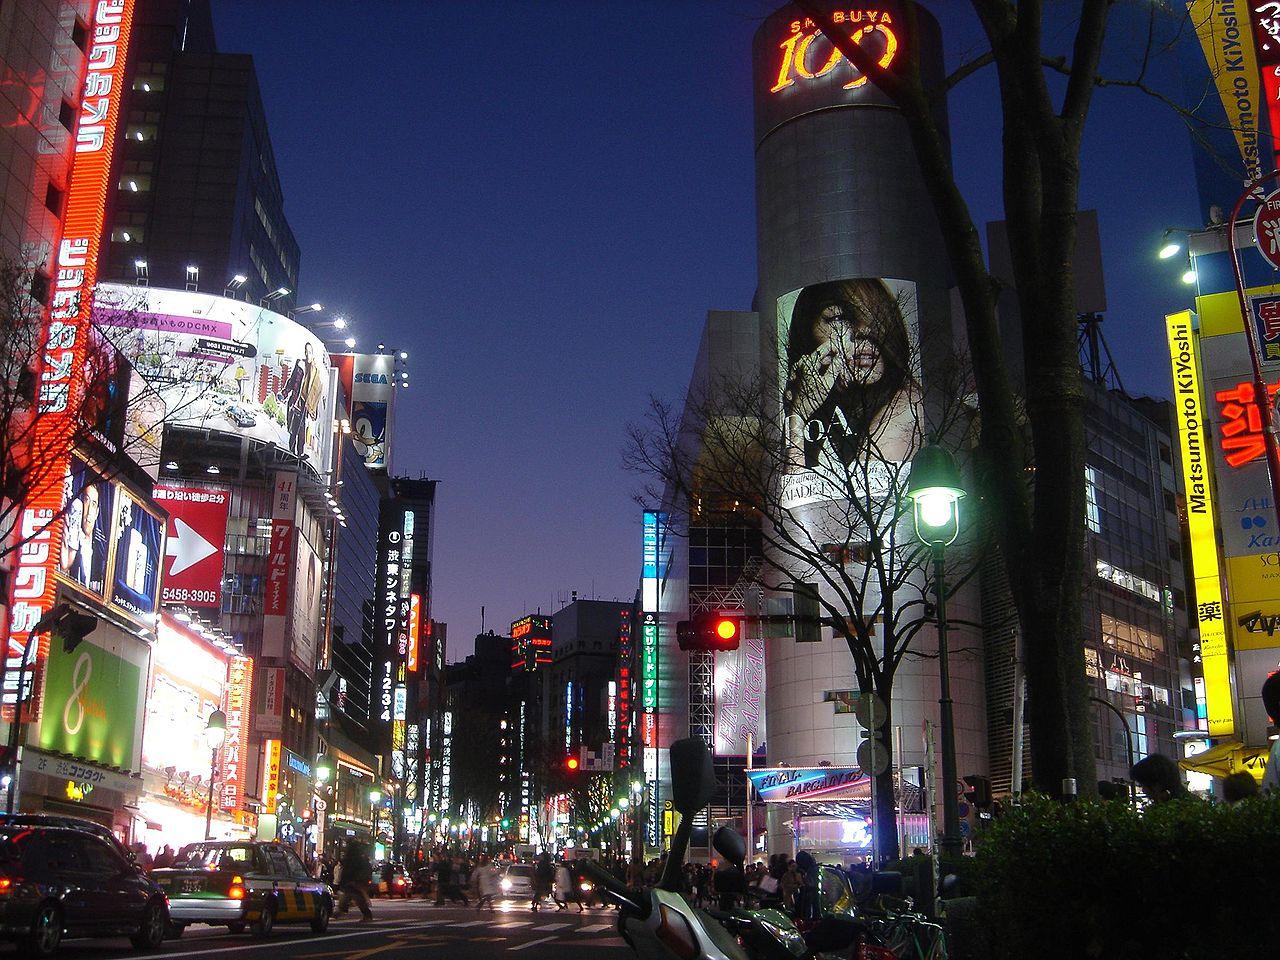 Prime Stage Otsuka/Ikebukuro P201 (Apartman), ponude u Tokiju (Japan).